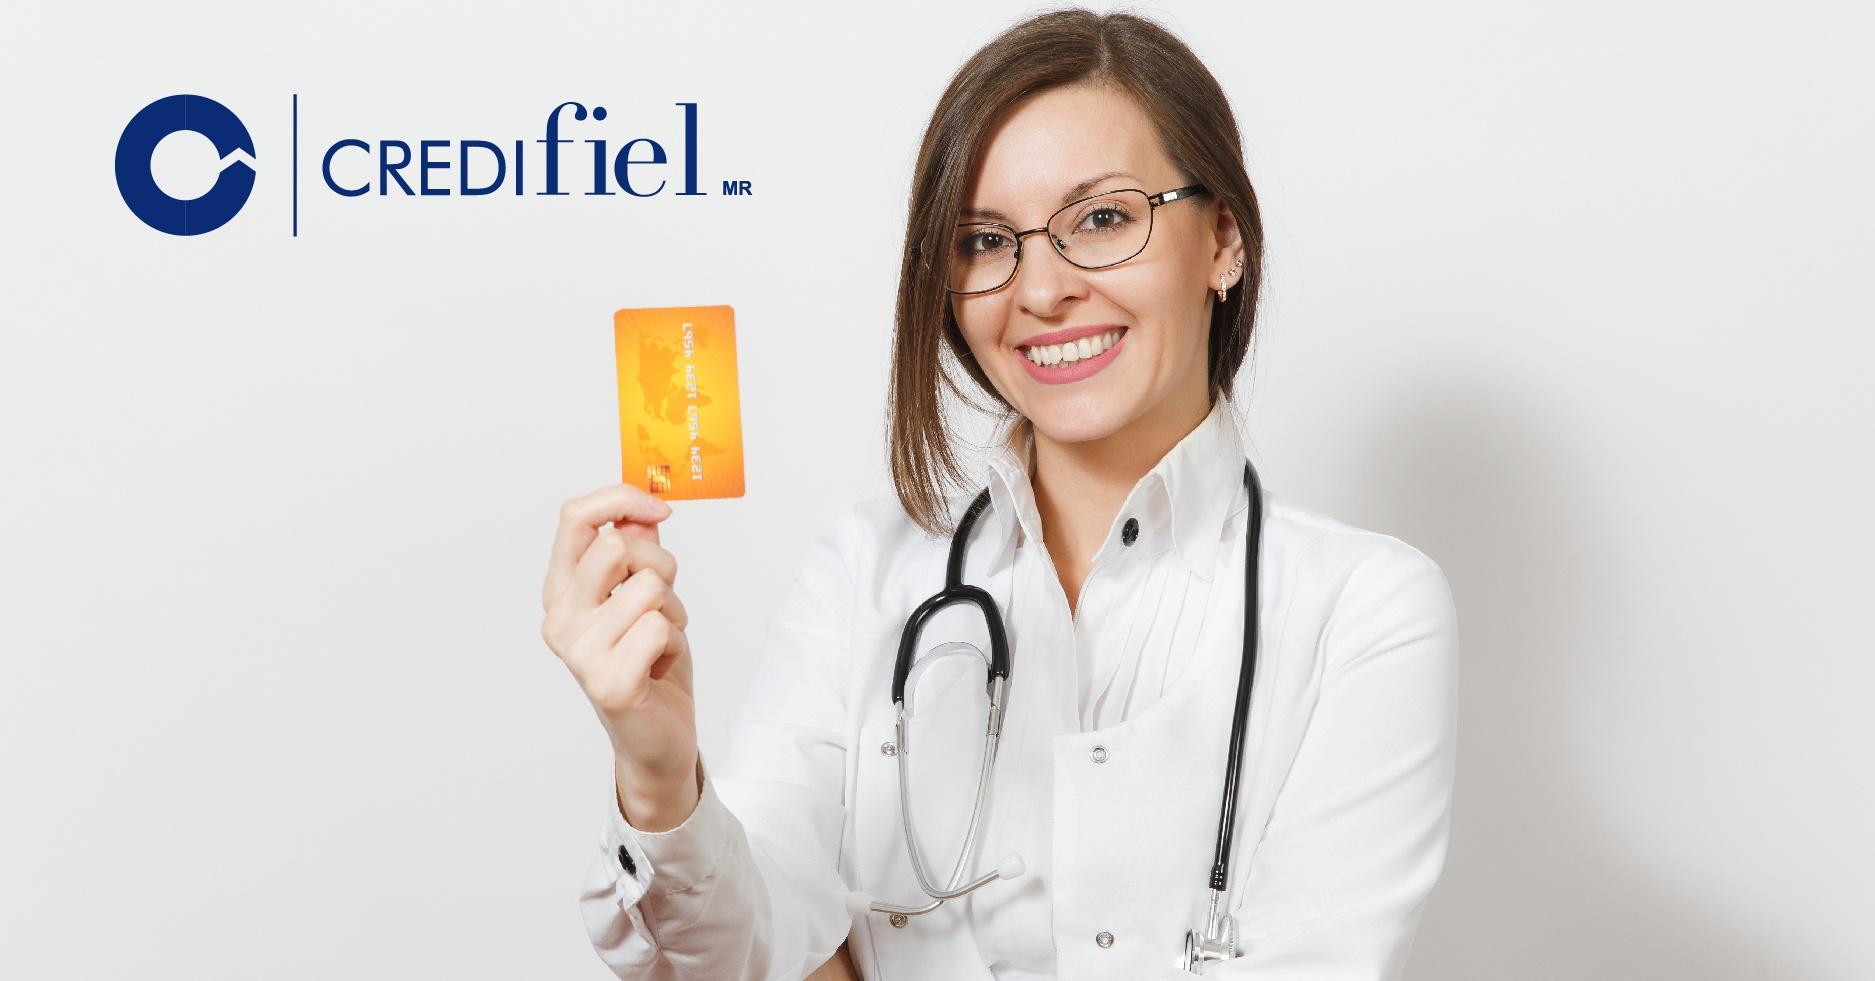 art-01-Por-que-es-importante-un-credito-para-empleados-de-la-salud-publica